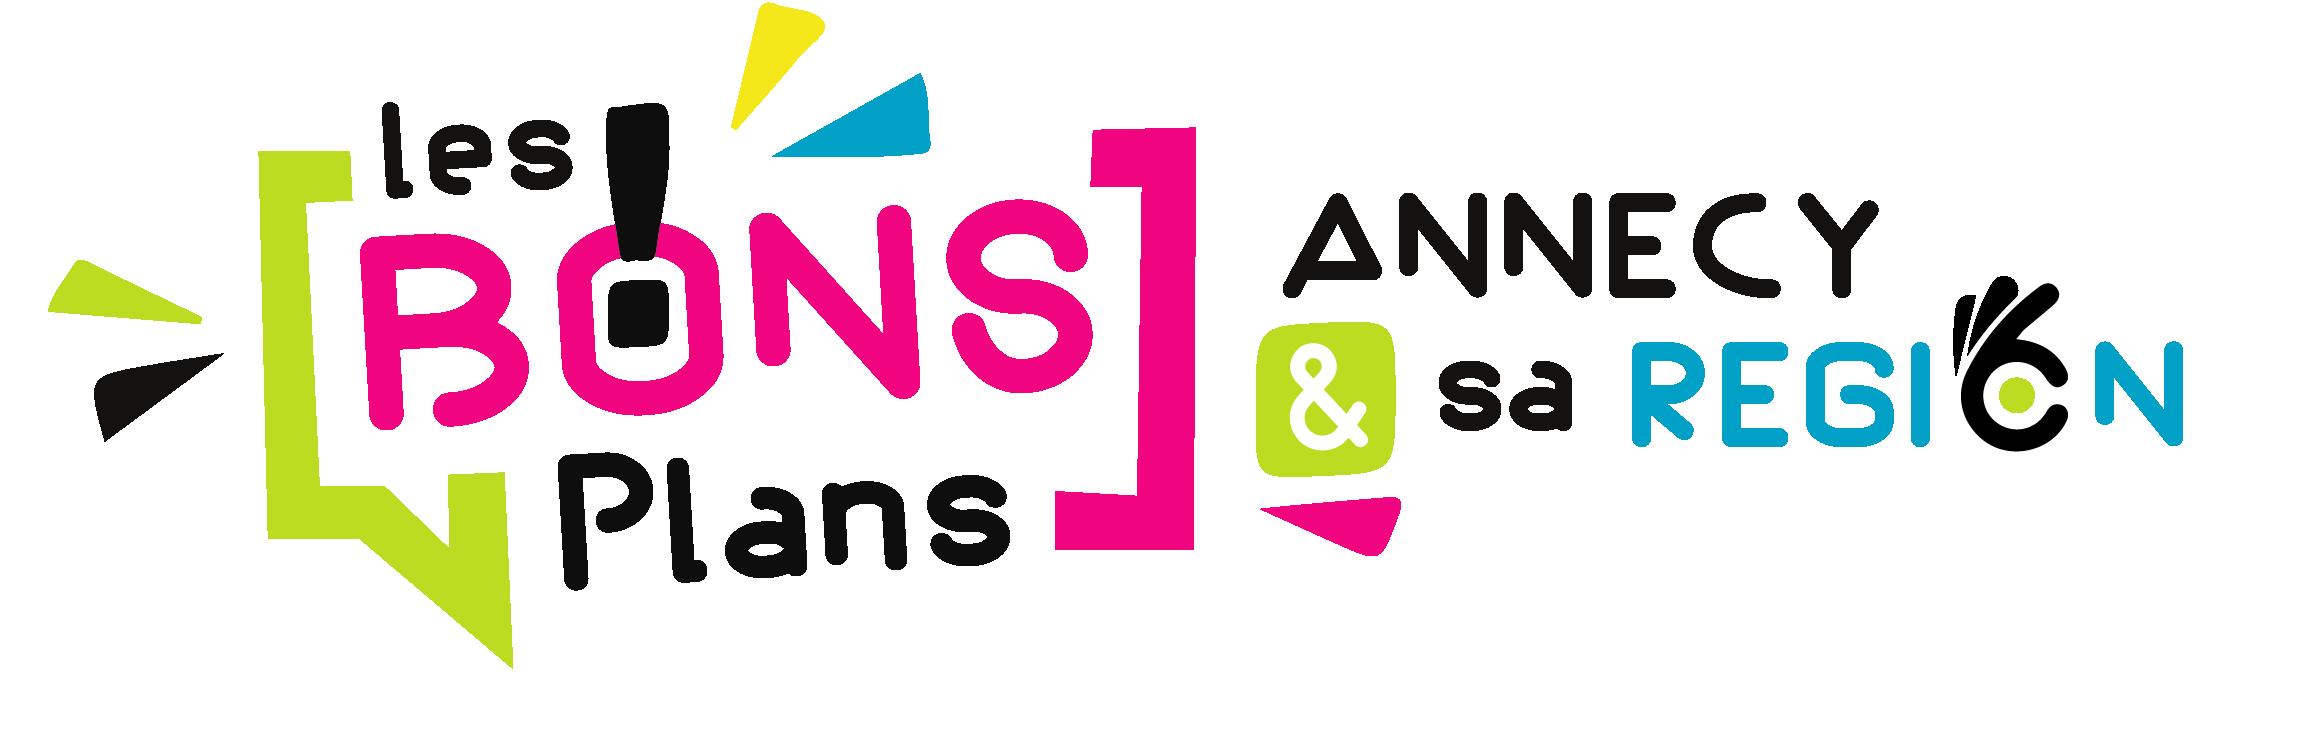 Les Bons Plans d'Annecy